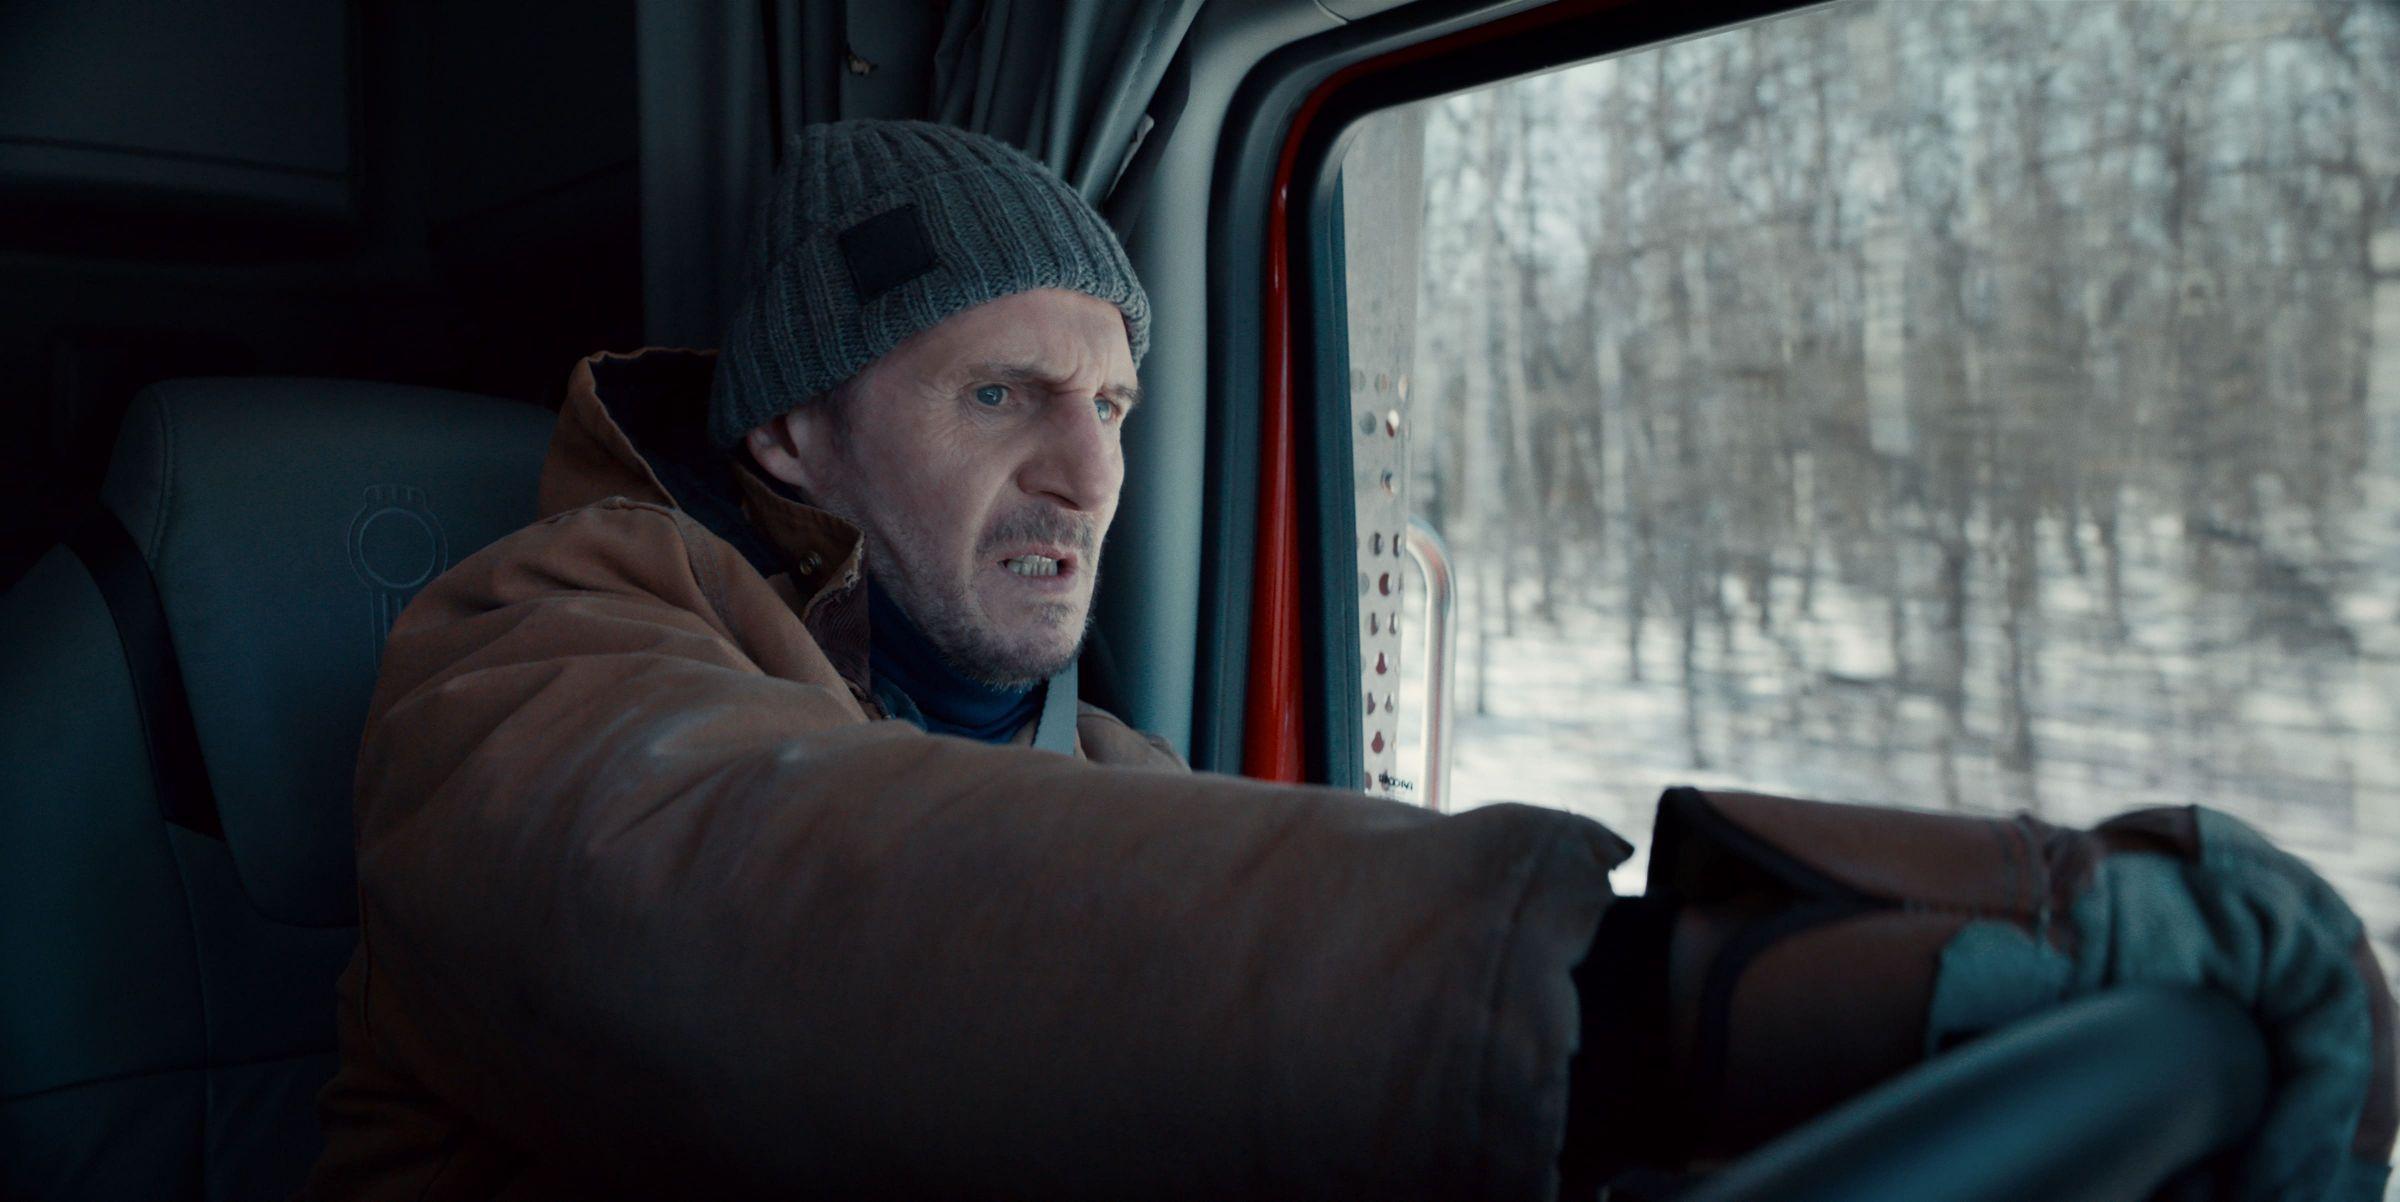 耗资10亿台币实景拍摄! 《疾冻救援》连恩尼逊 冰路狂飙卡车展身手 - 宅男圈